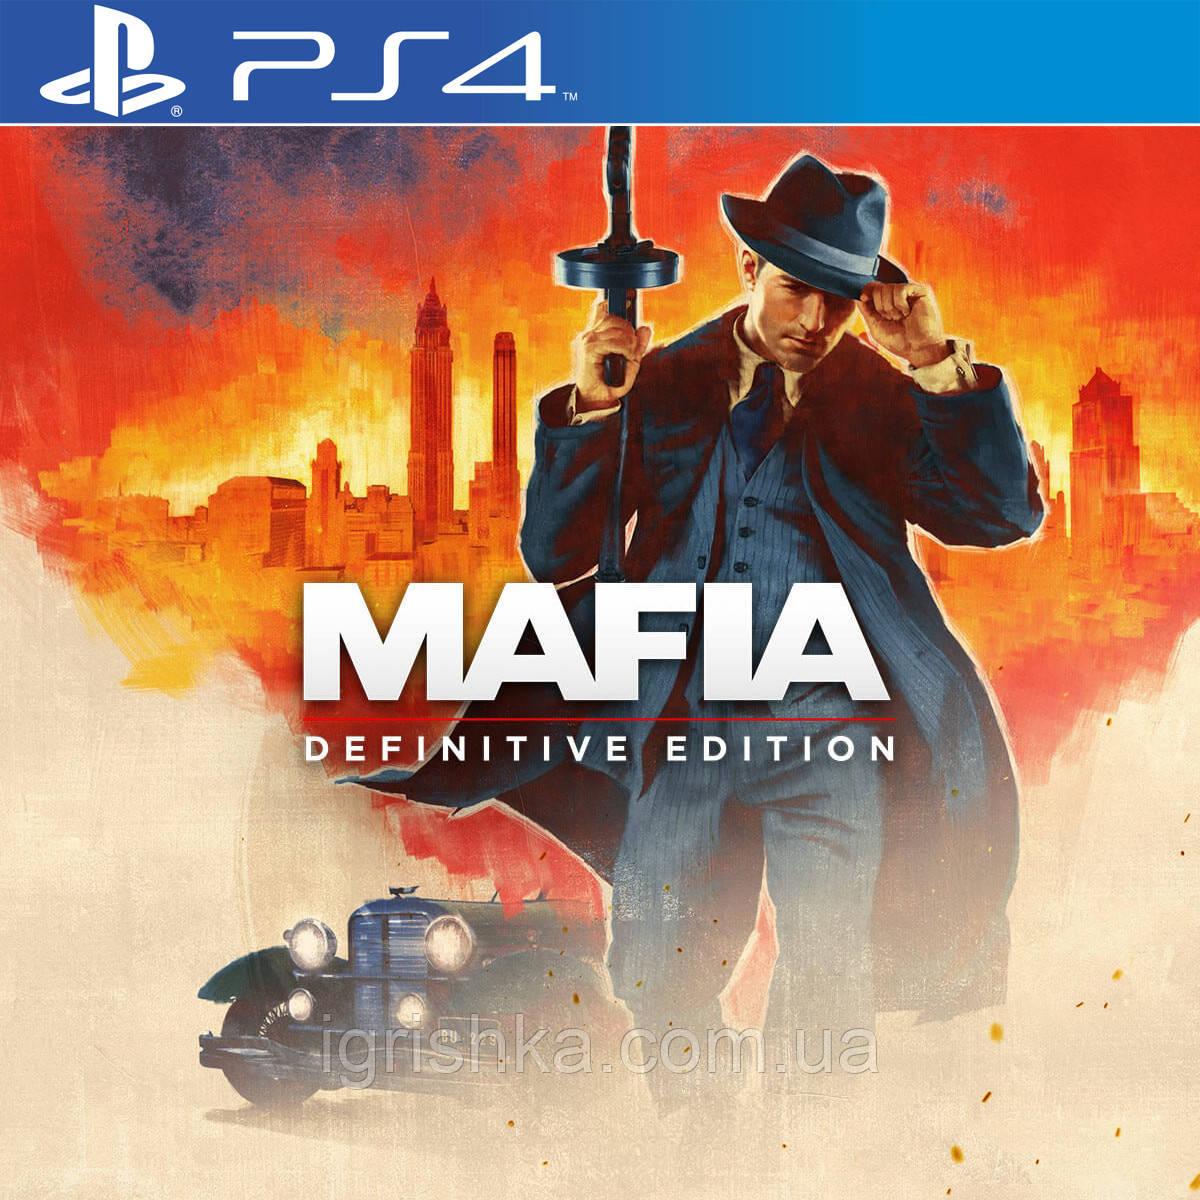 Mafia: Definitive Edition Ps4 (Цифровий аккаунт для PlayStation 4) П3